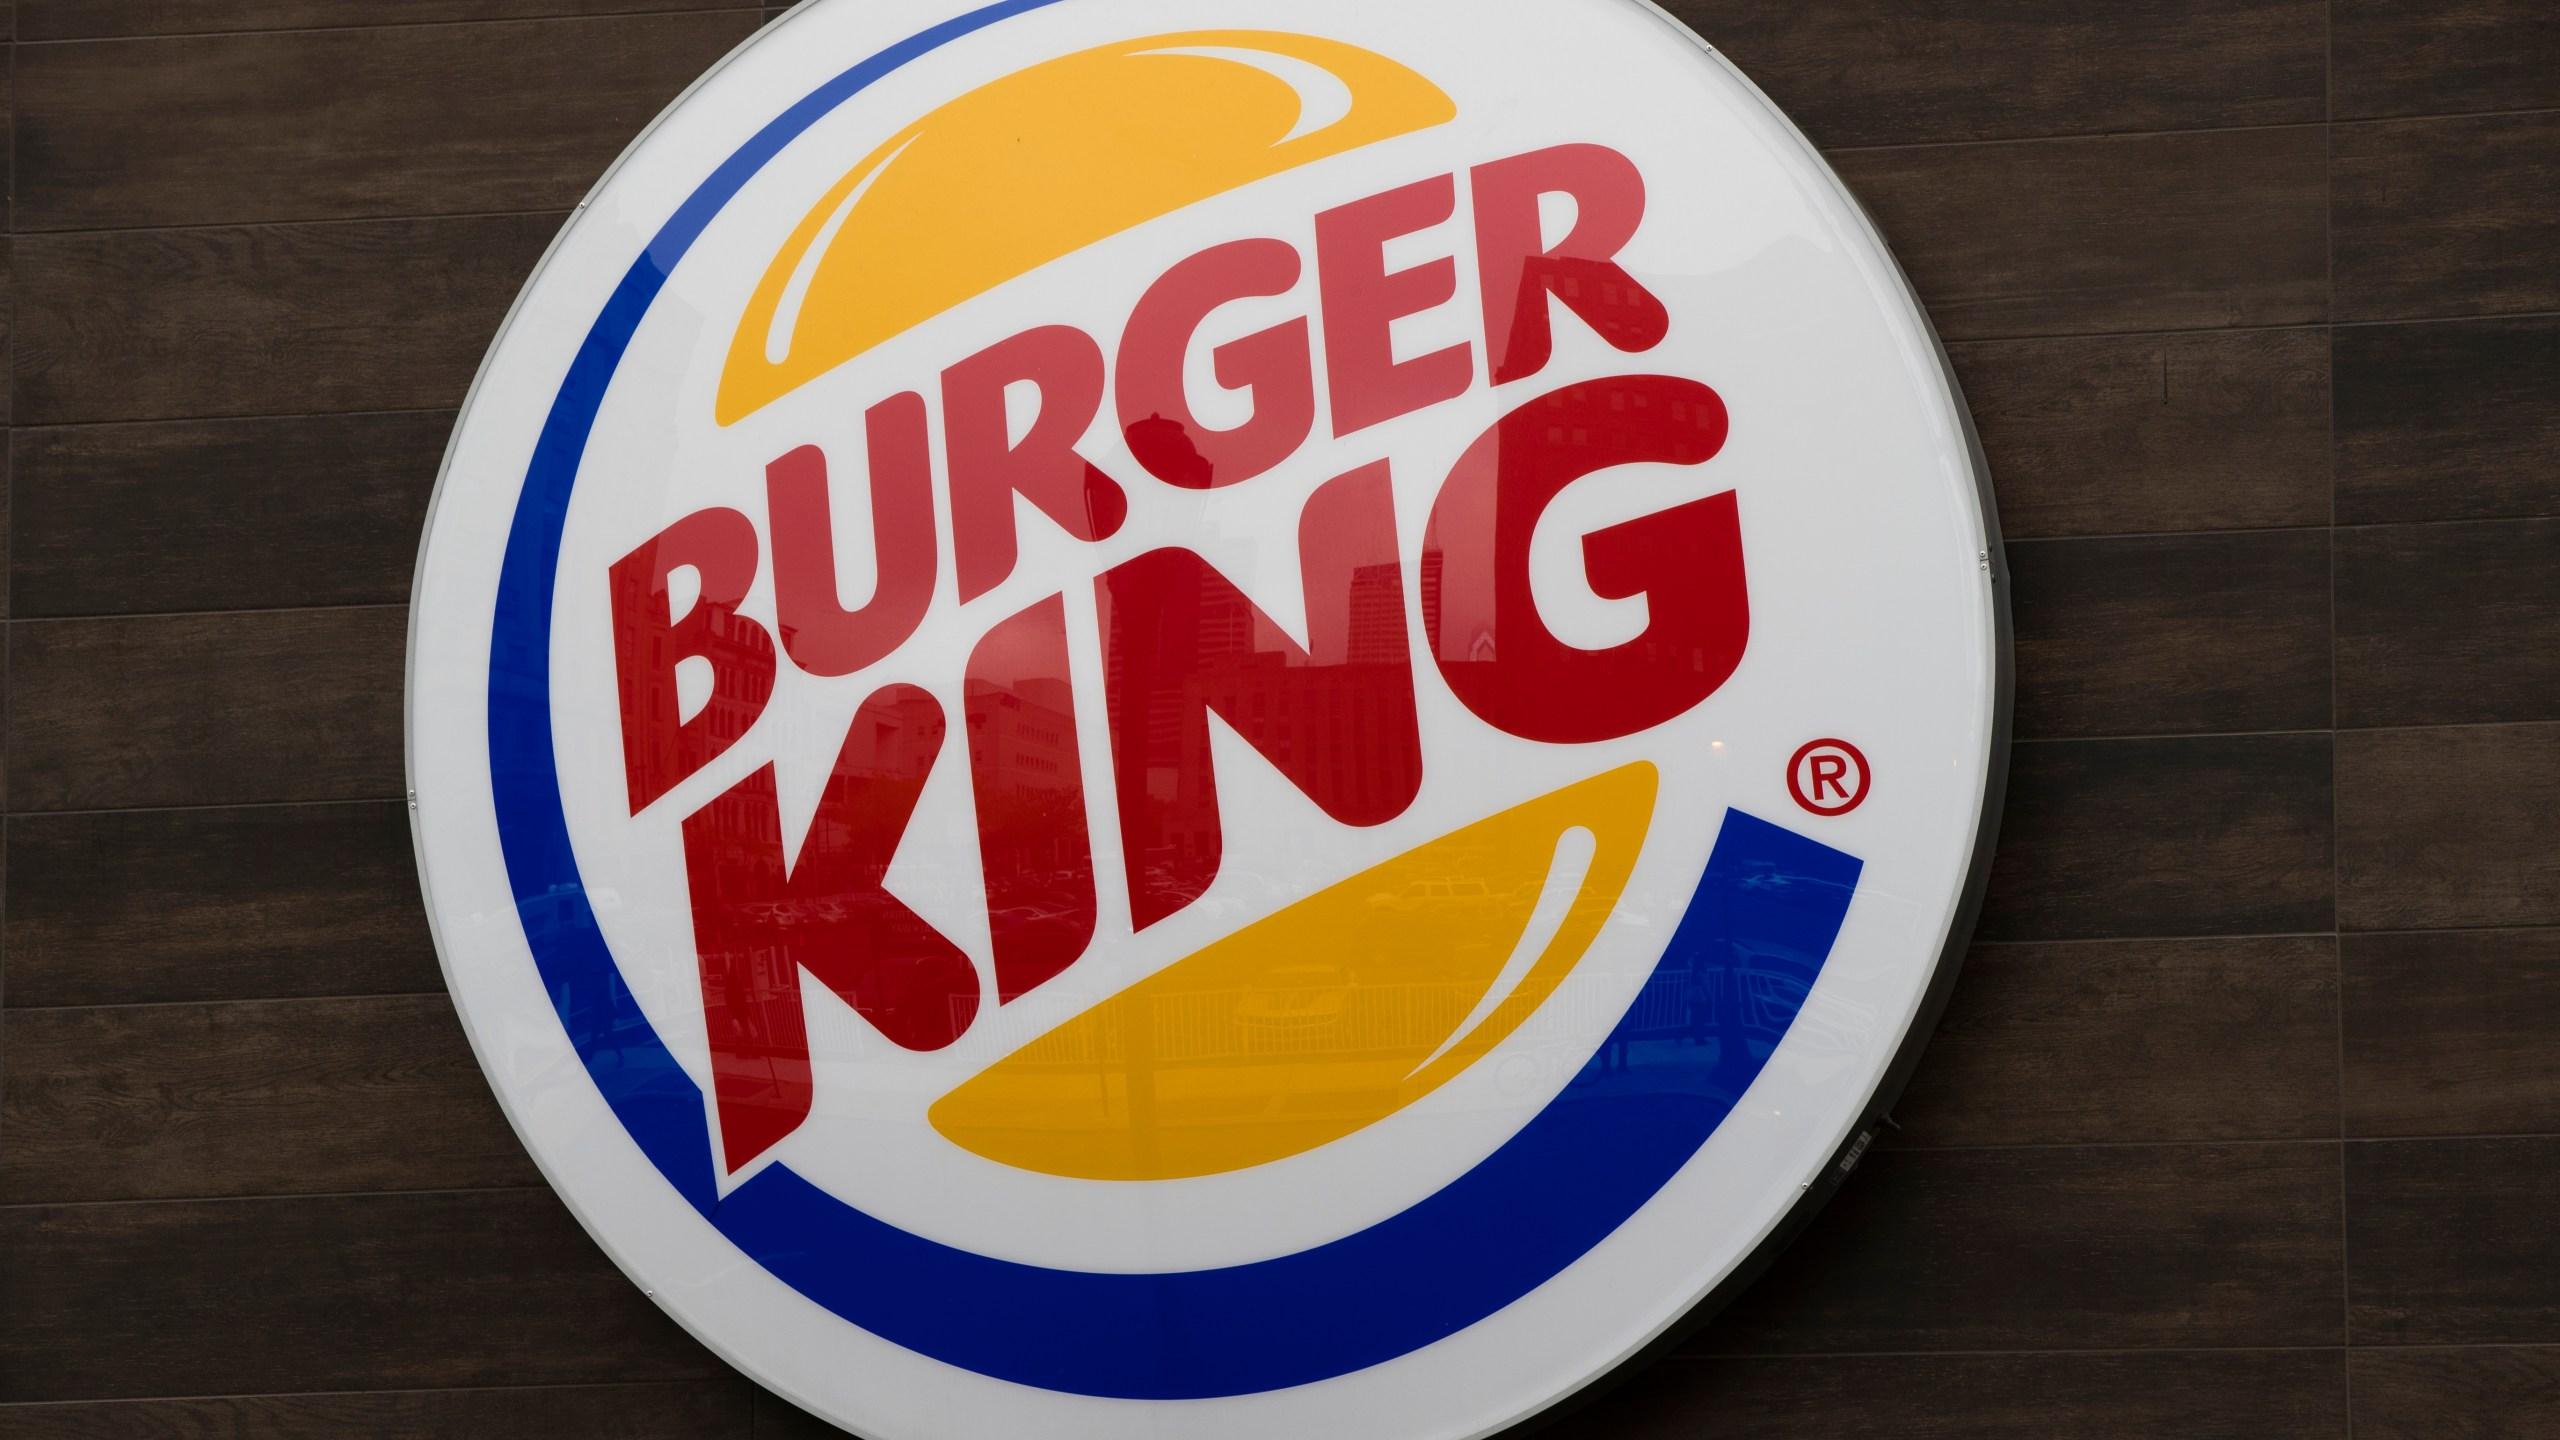 Burger_King_24929-159532.jpg65785217